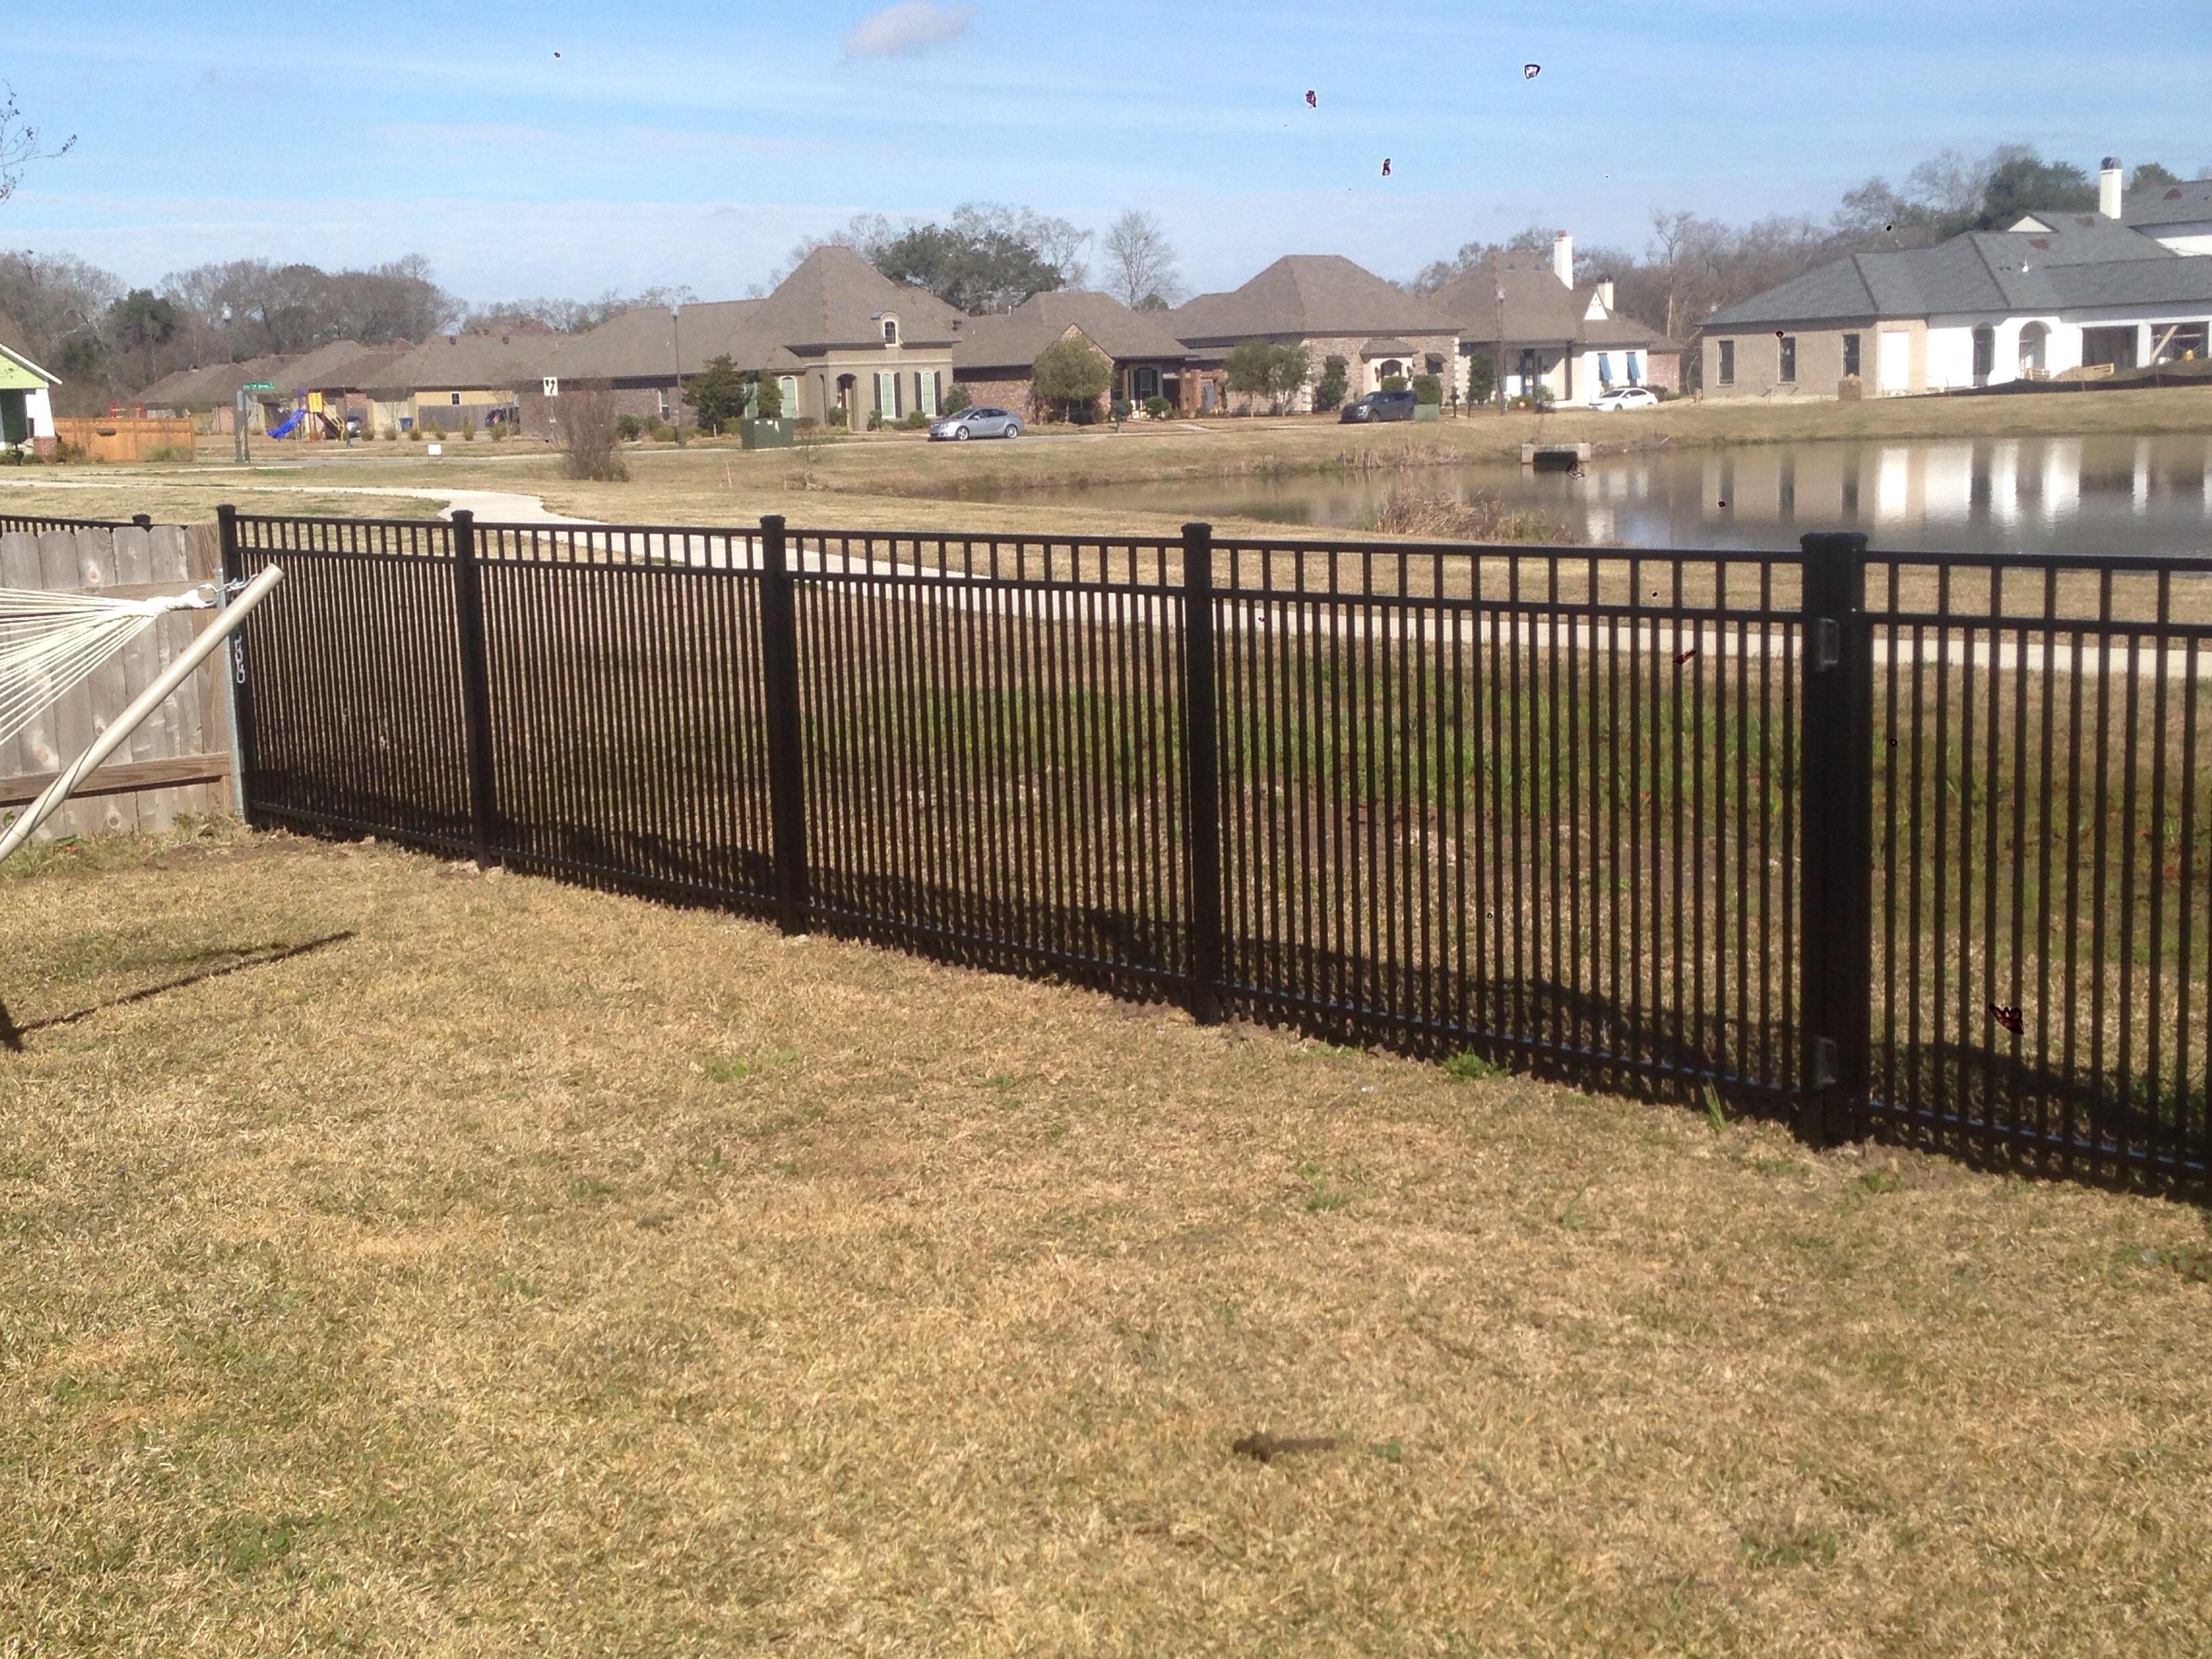 Scott S Fencing: Discount Fence In Scott, LA 70583